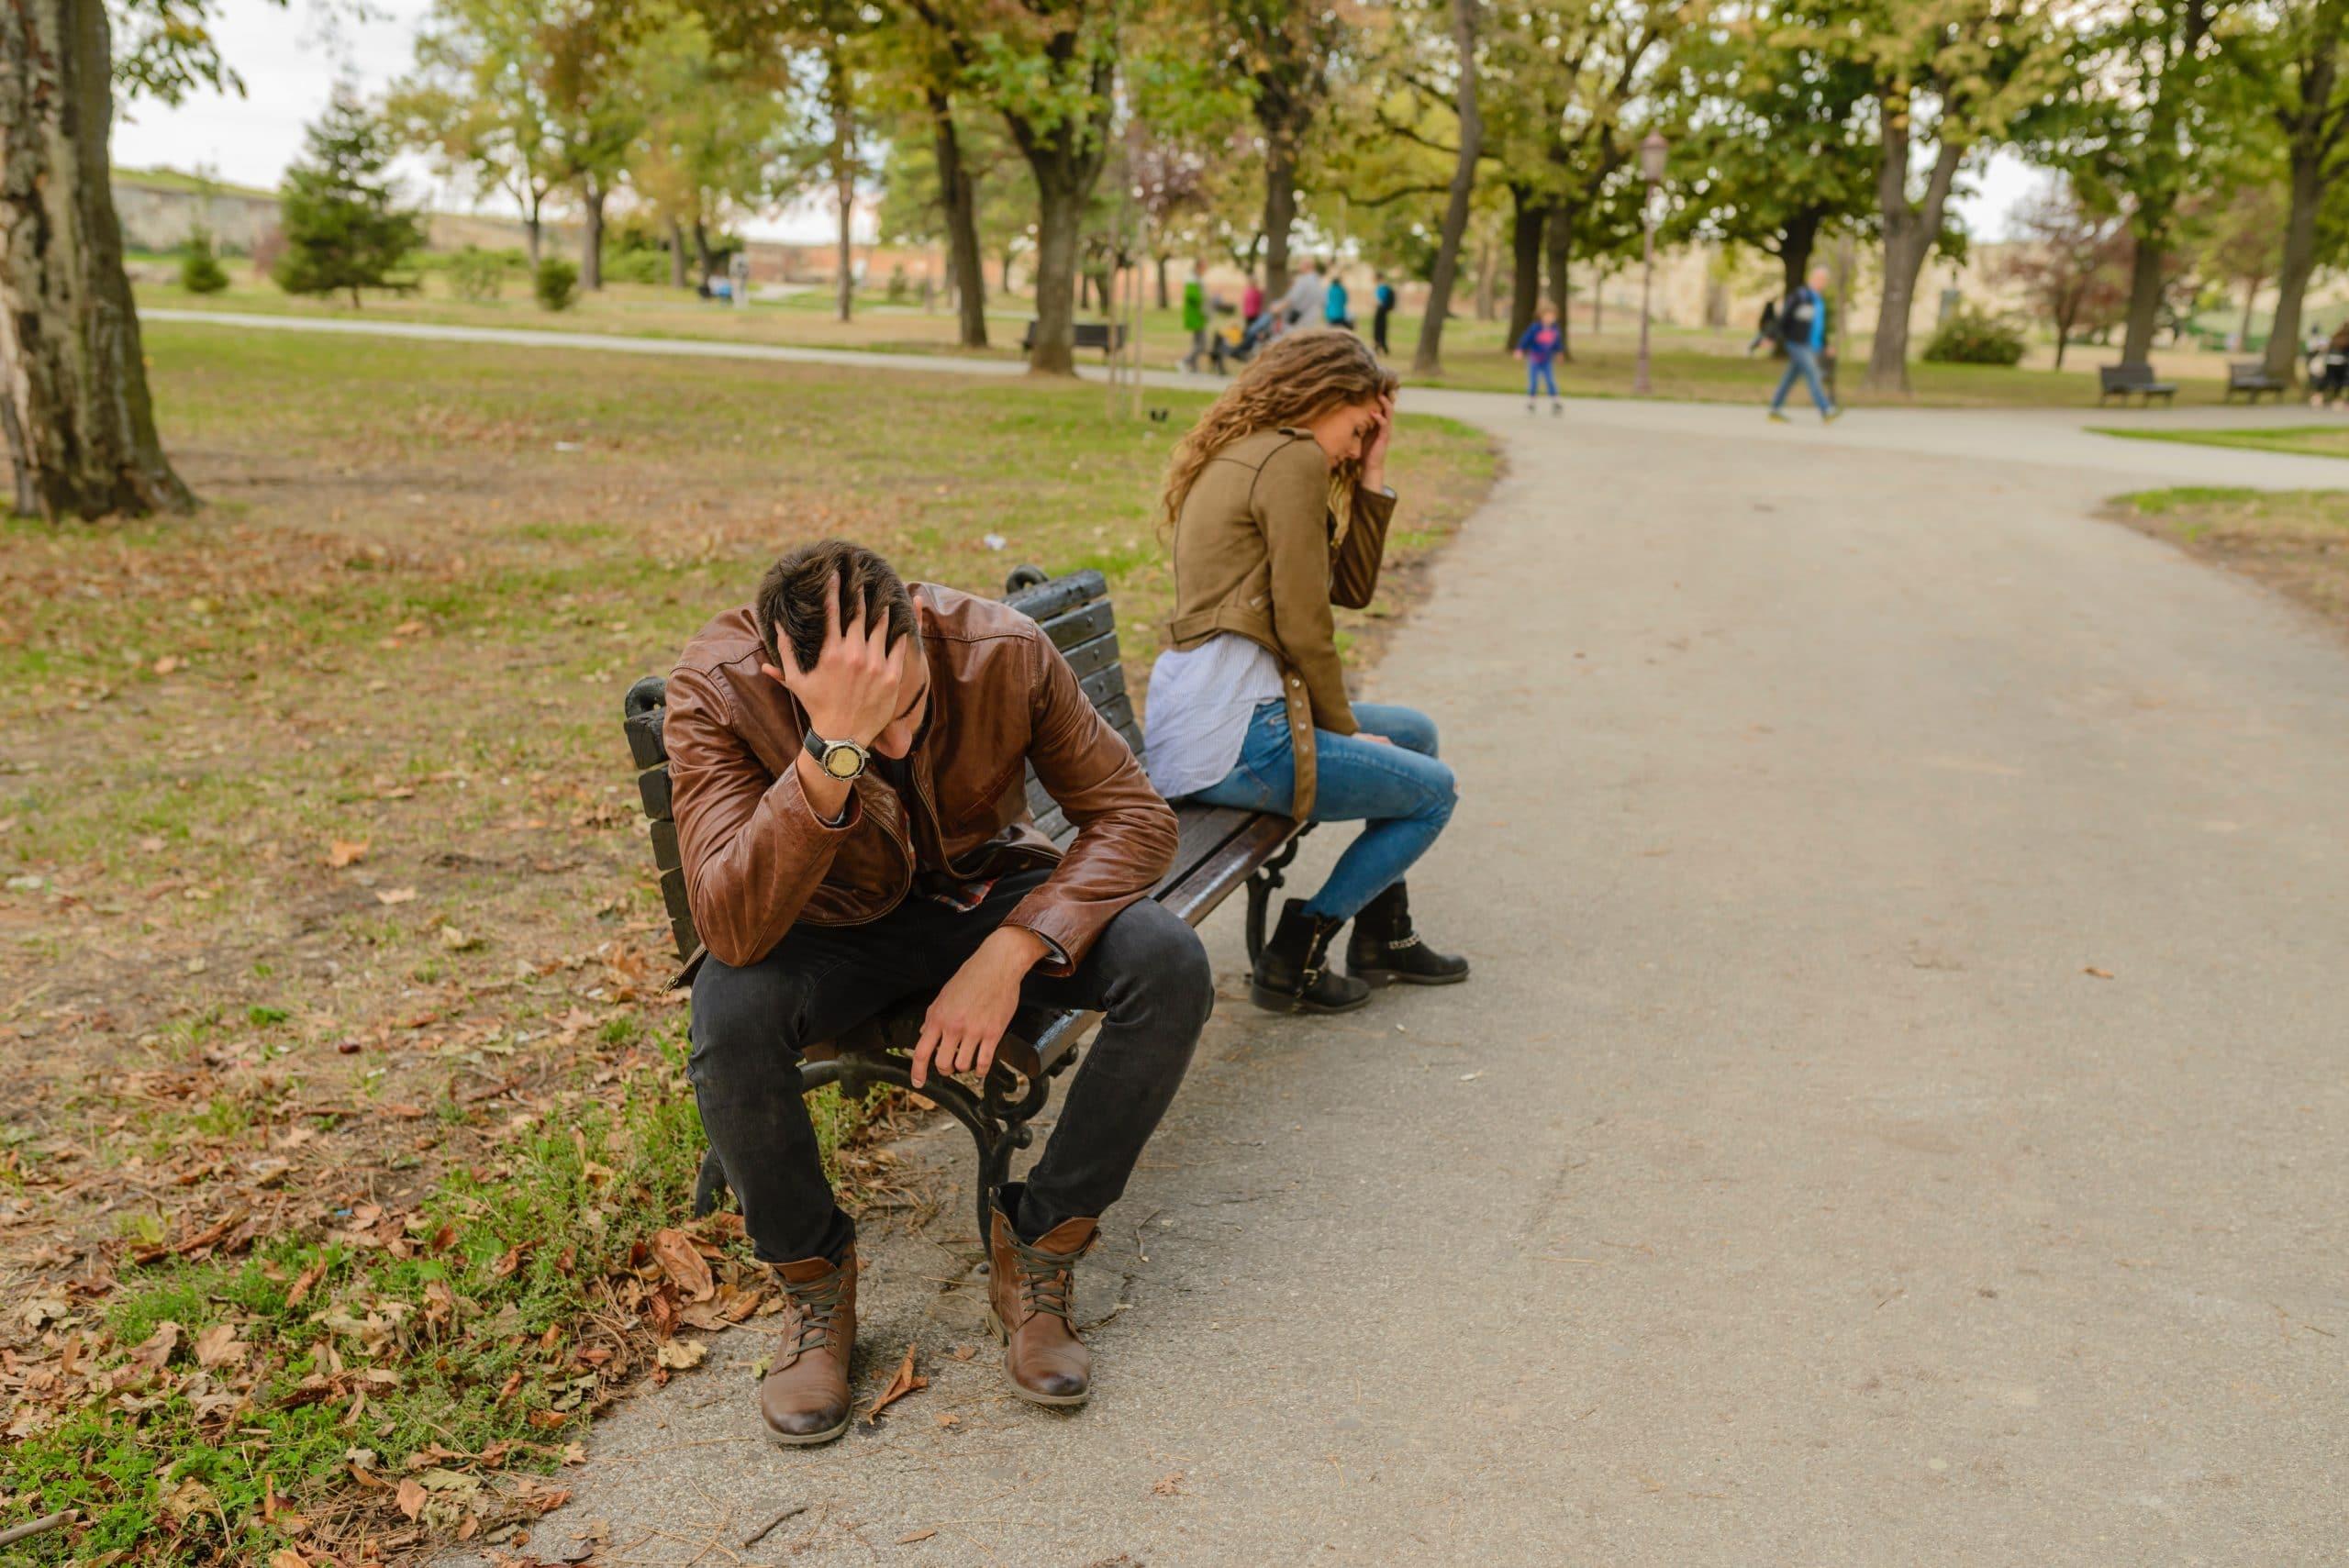 Casal distante um do outro, sentados no banco de um parque. Cada um está em uma ponta, com a cabeça sobre as mãos, em sinal de desentendimento.